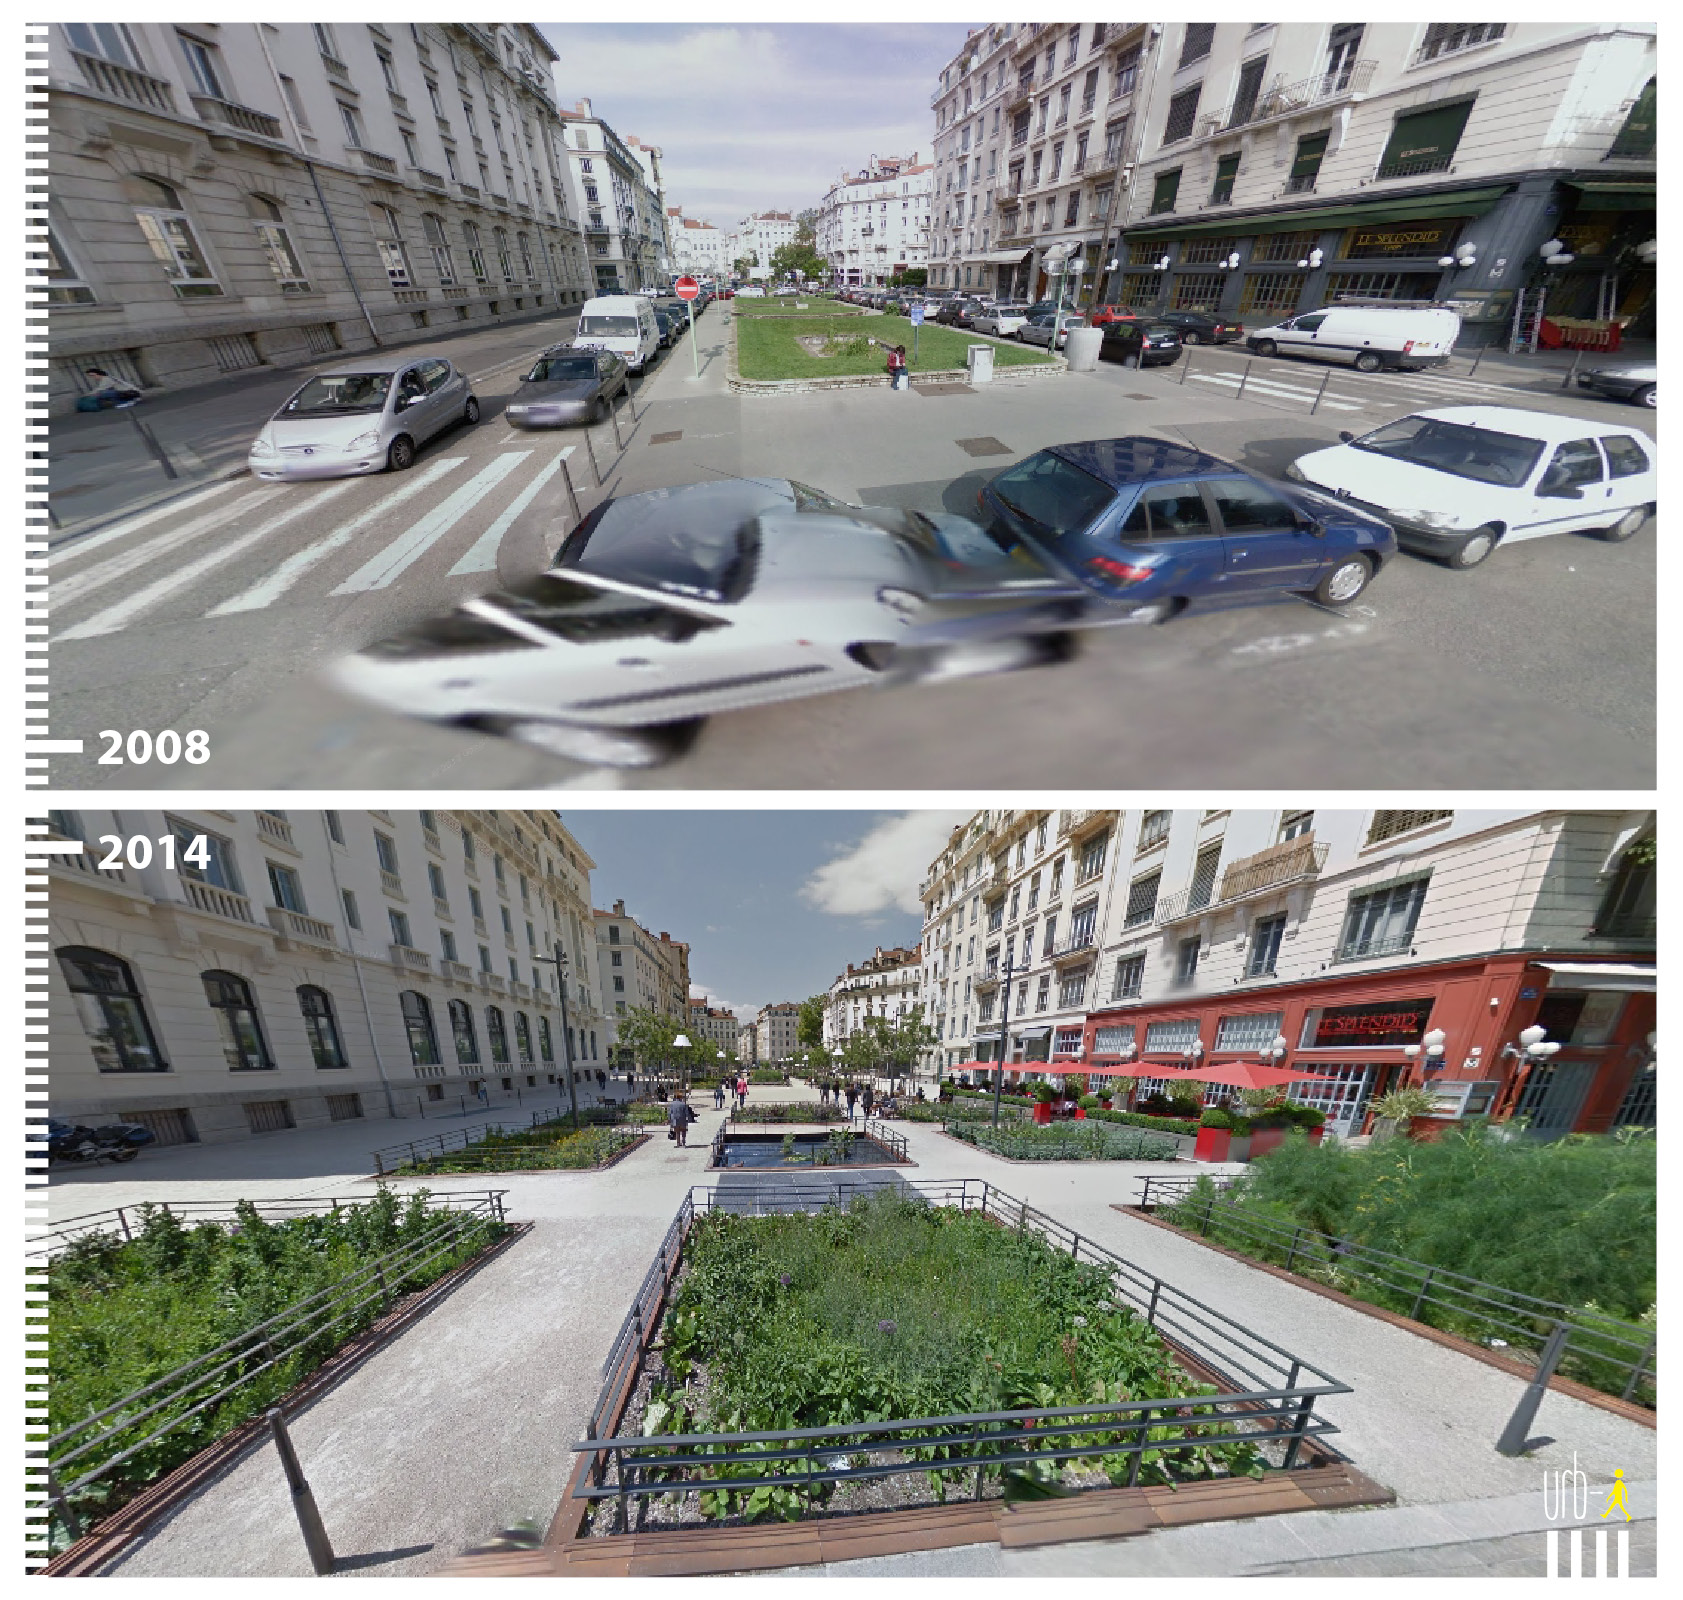 0188_FR_Lyon_Avenue_Général_Brosset